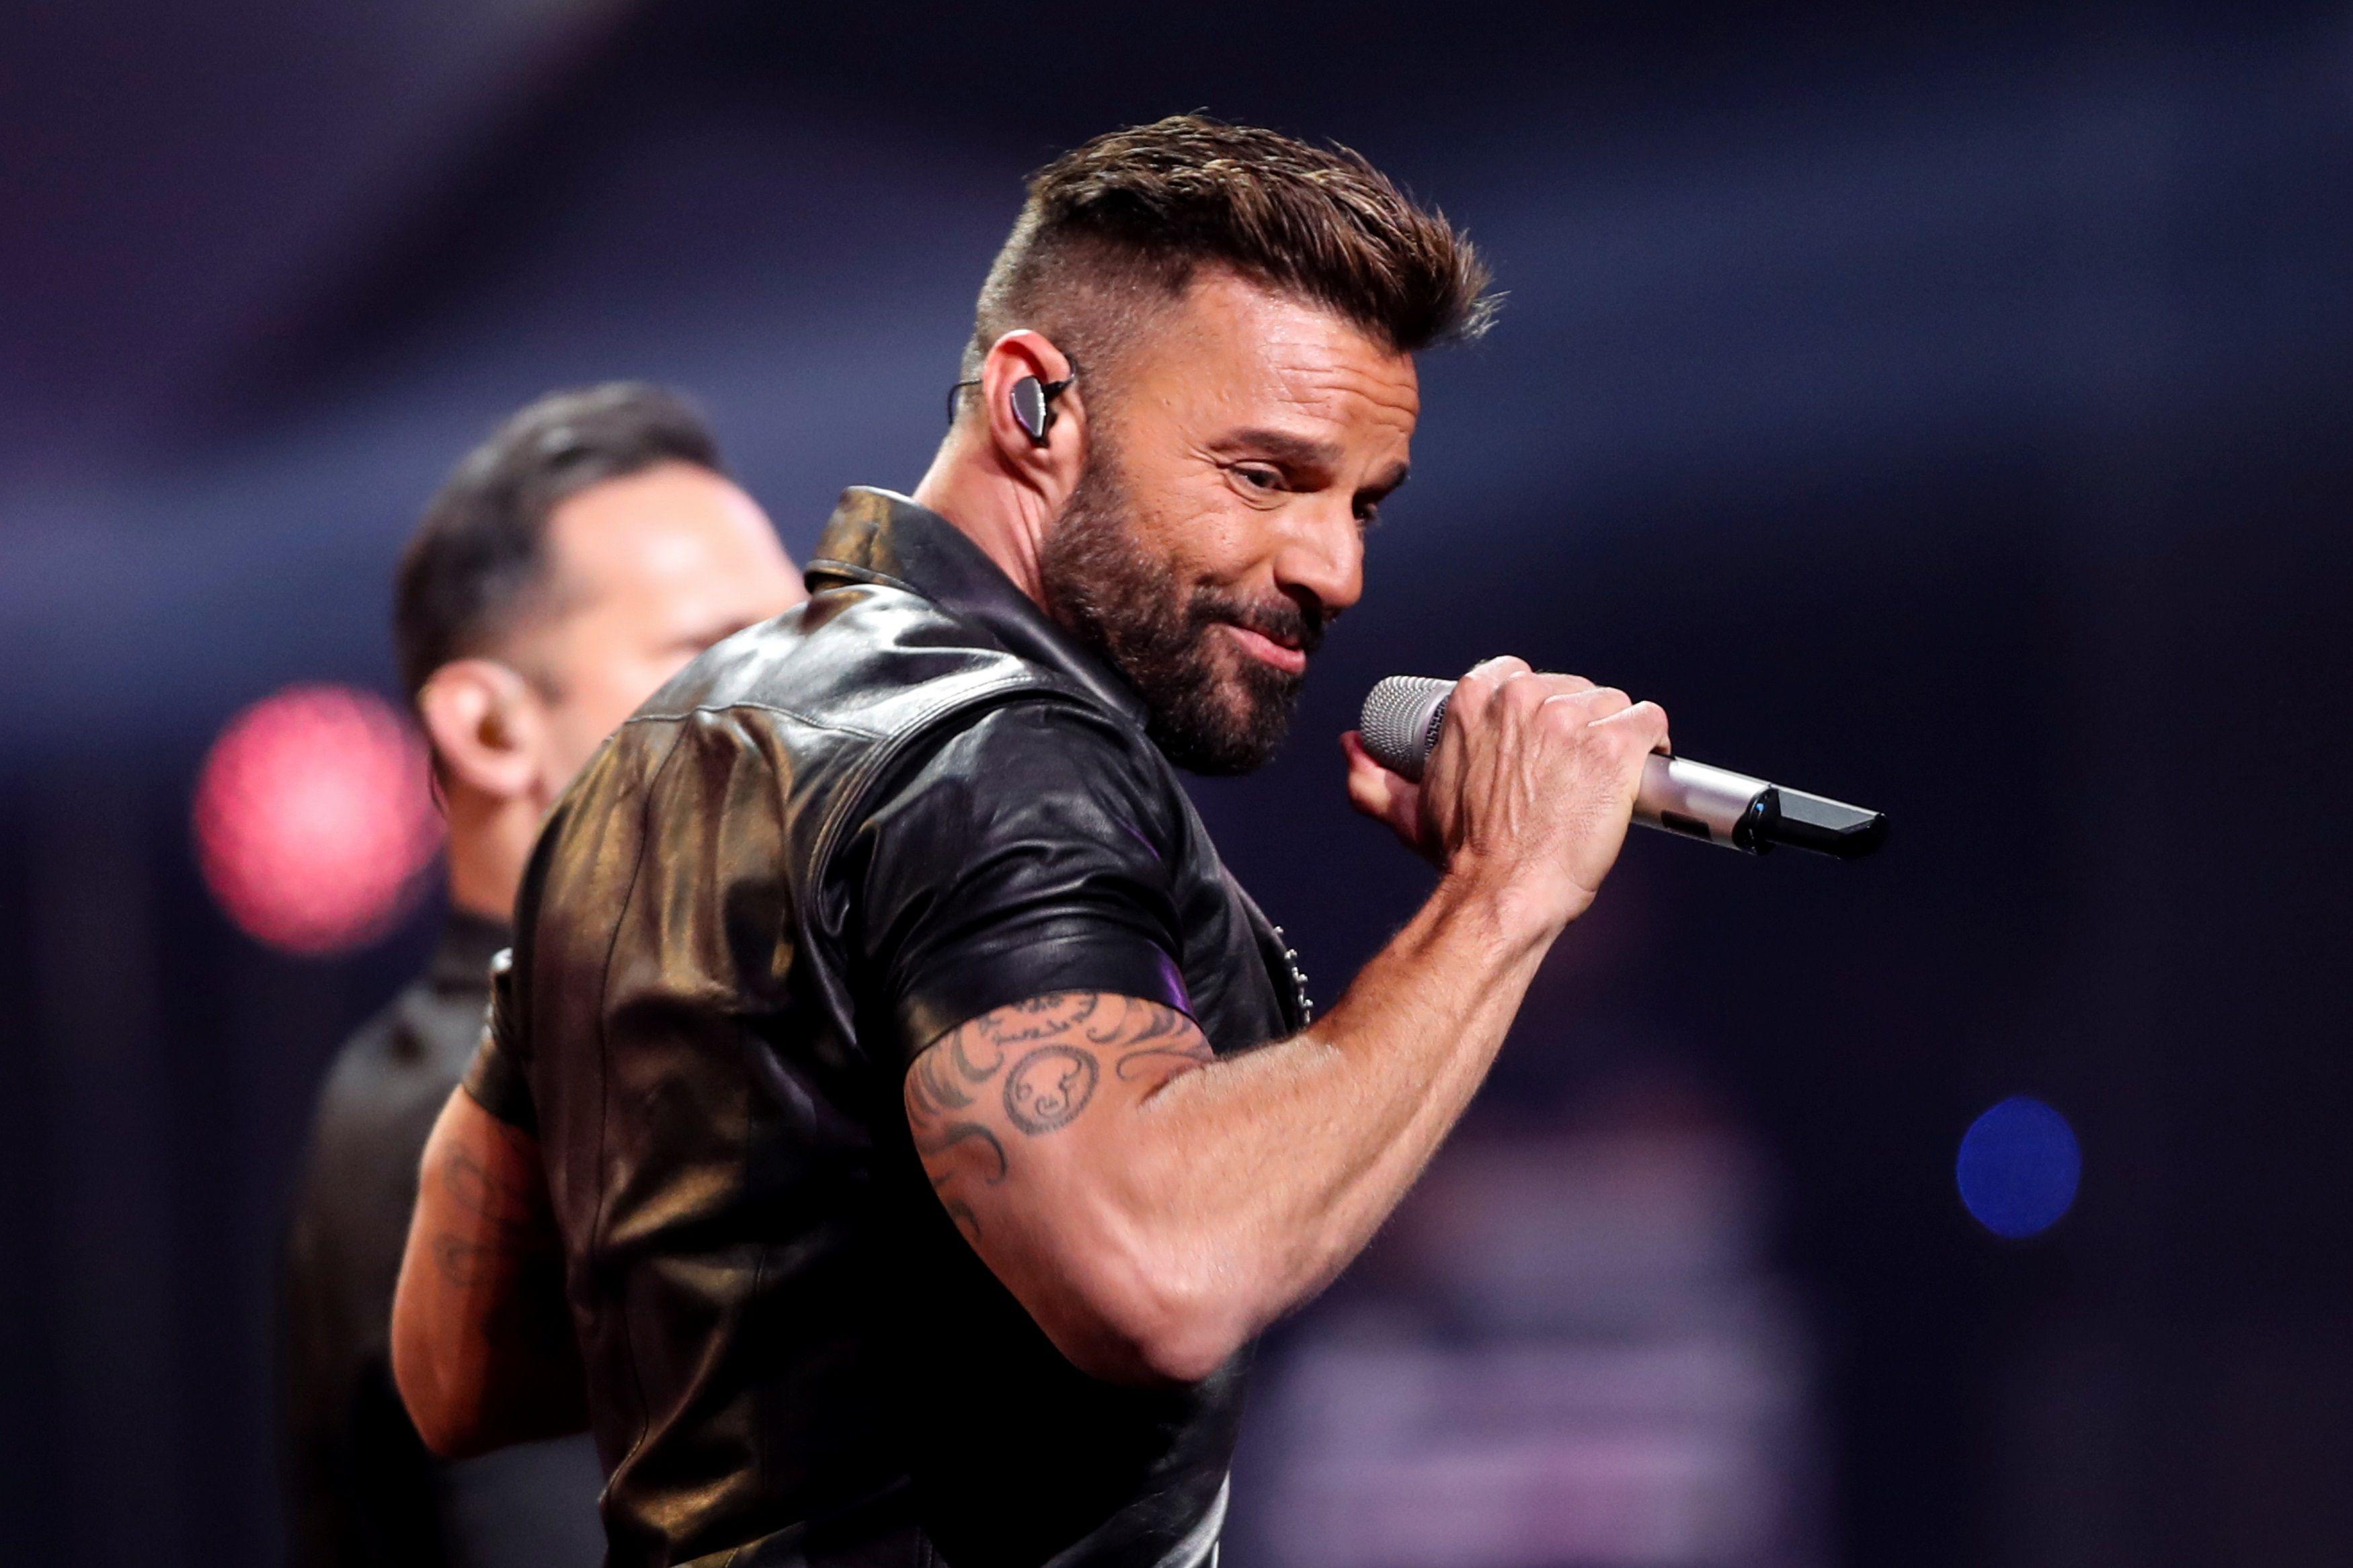 En la imagen, el cantante puertorriqueño Ricky Martin. EFE/Alberto Valdes/Archivo